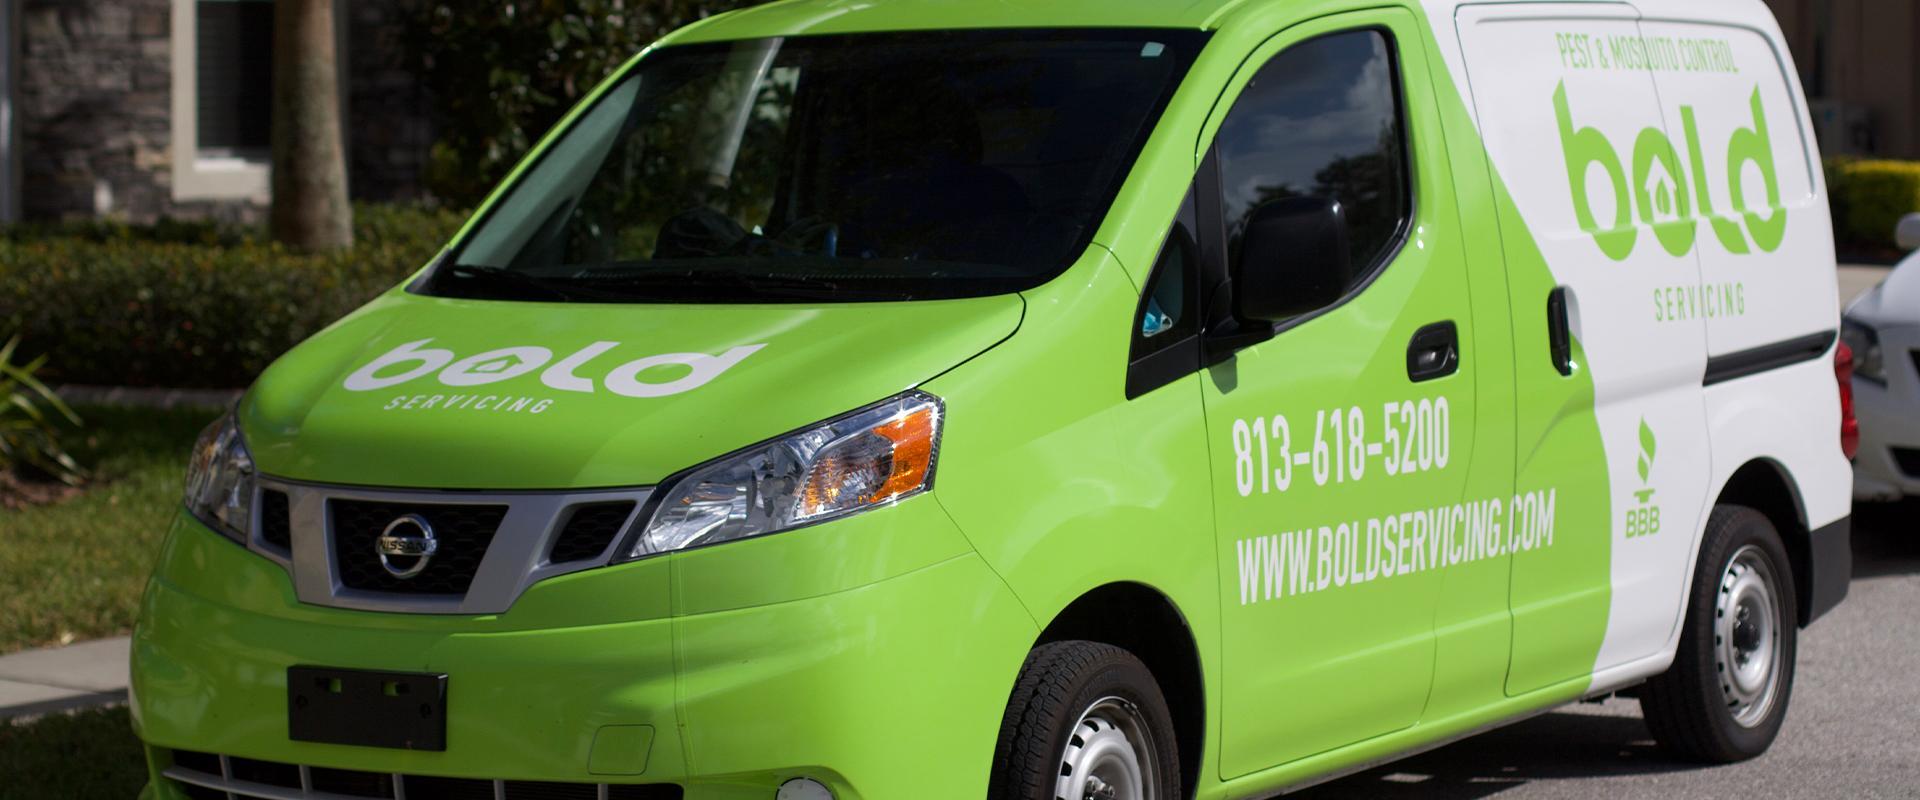 bold servicing company van